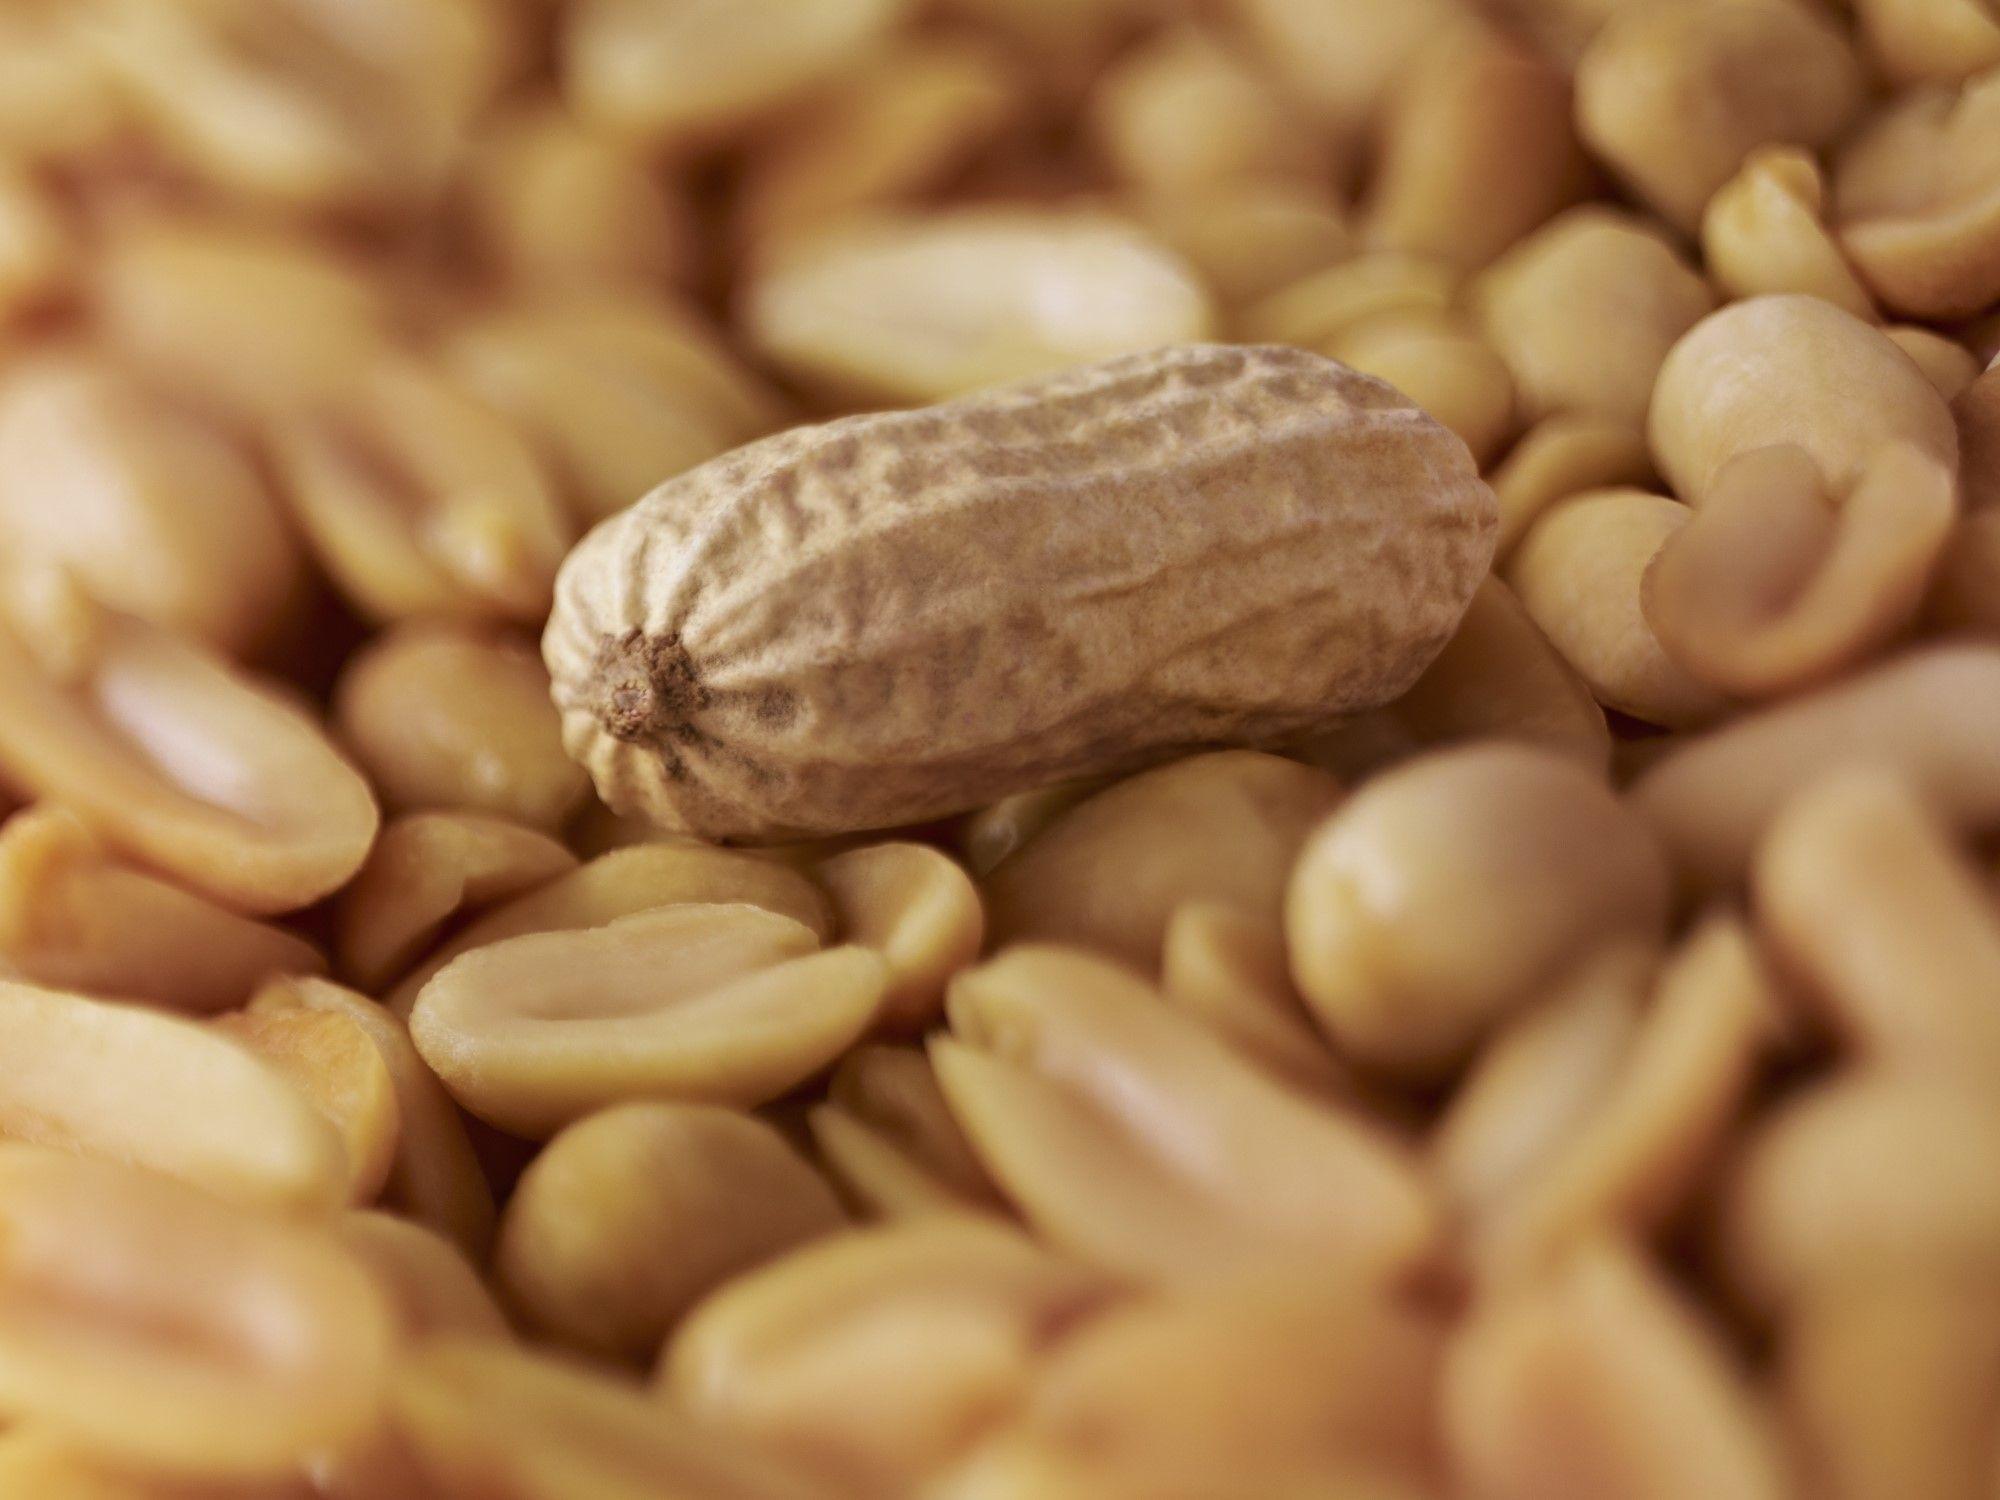 <p>Al secondo posto della black list ci sono le<strong> arachidi</strong> dalla Cina contaminate da aflatossine, e le importazioni di questo prodotto nel 2015 sono aumentate addirittura del 141%.</p>